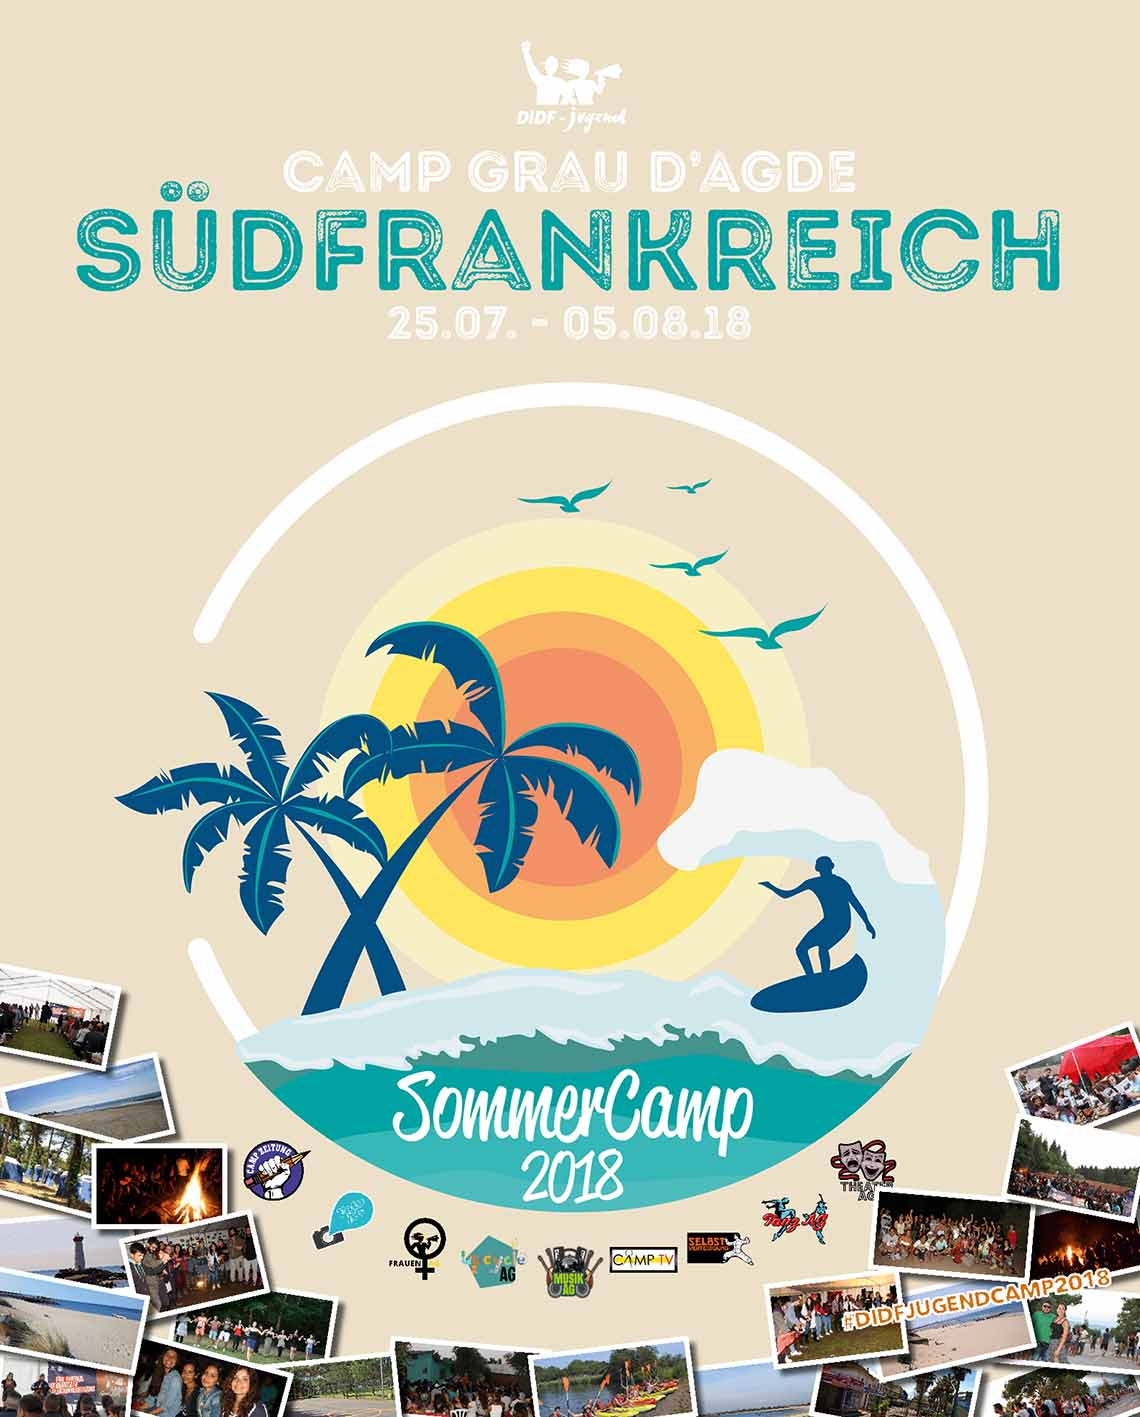 DIDF-Jugend Sommercamp 2018 in Südfrankreich